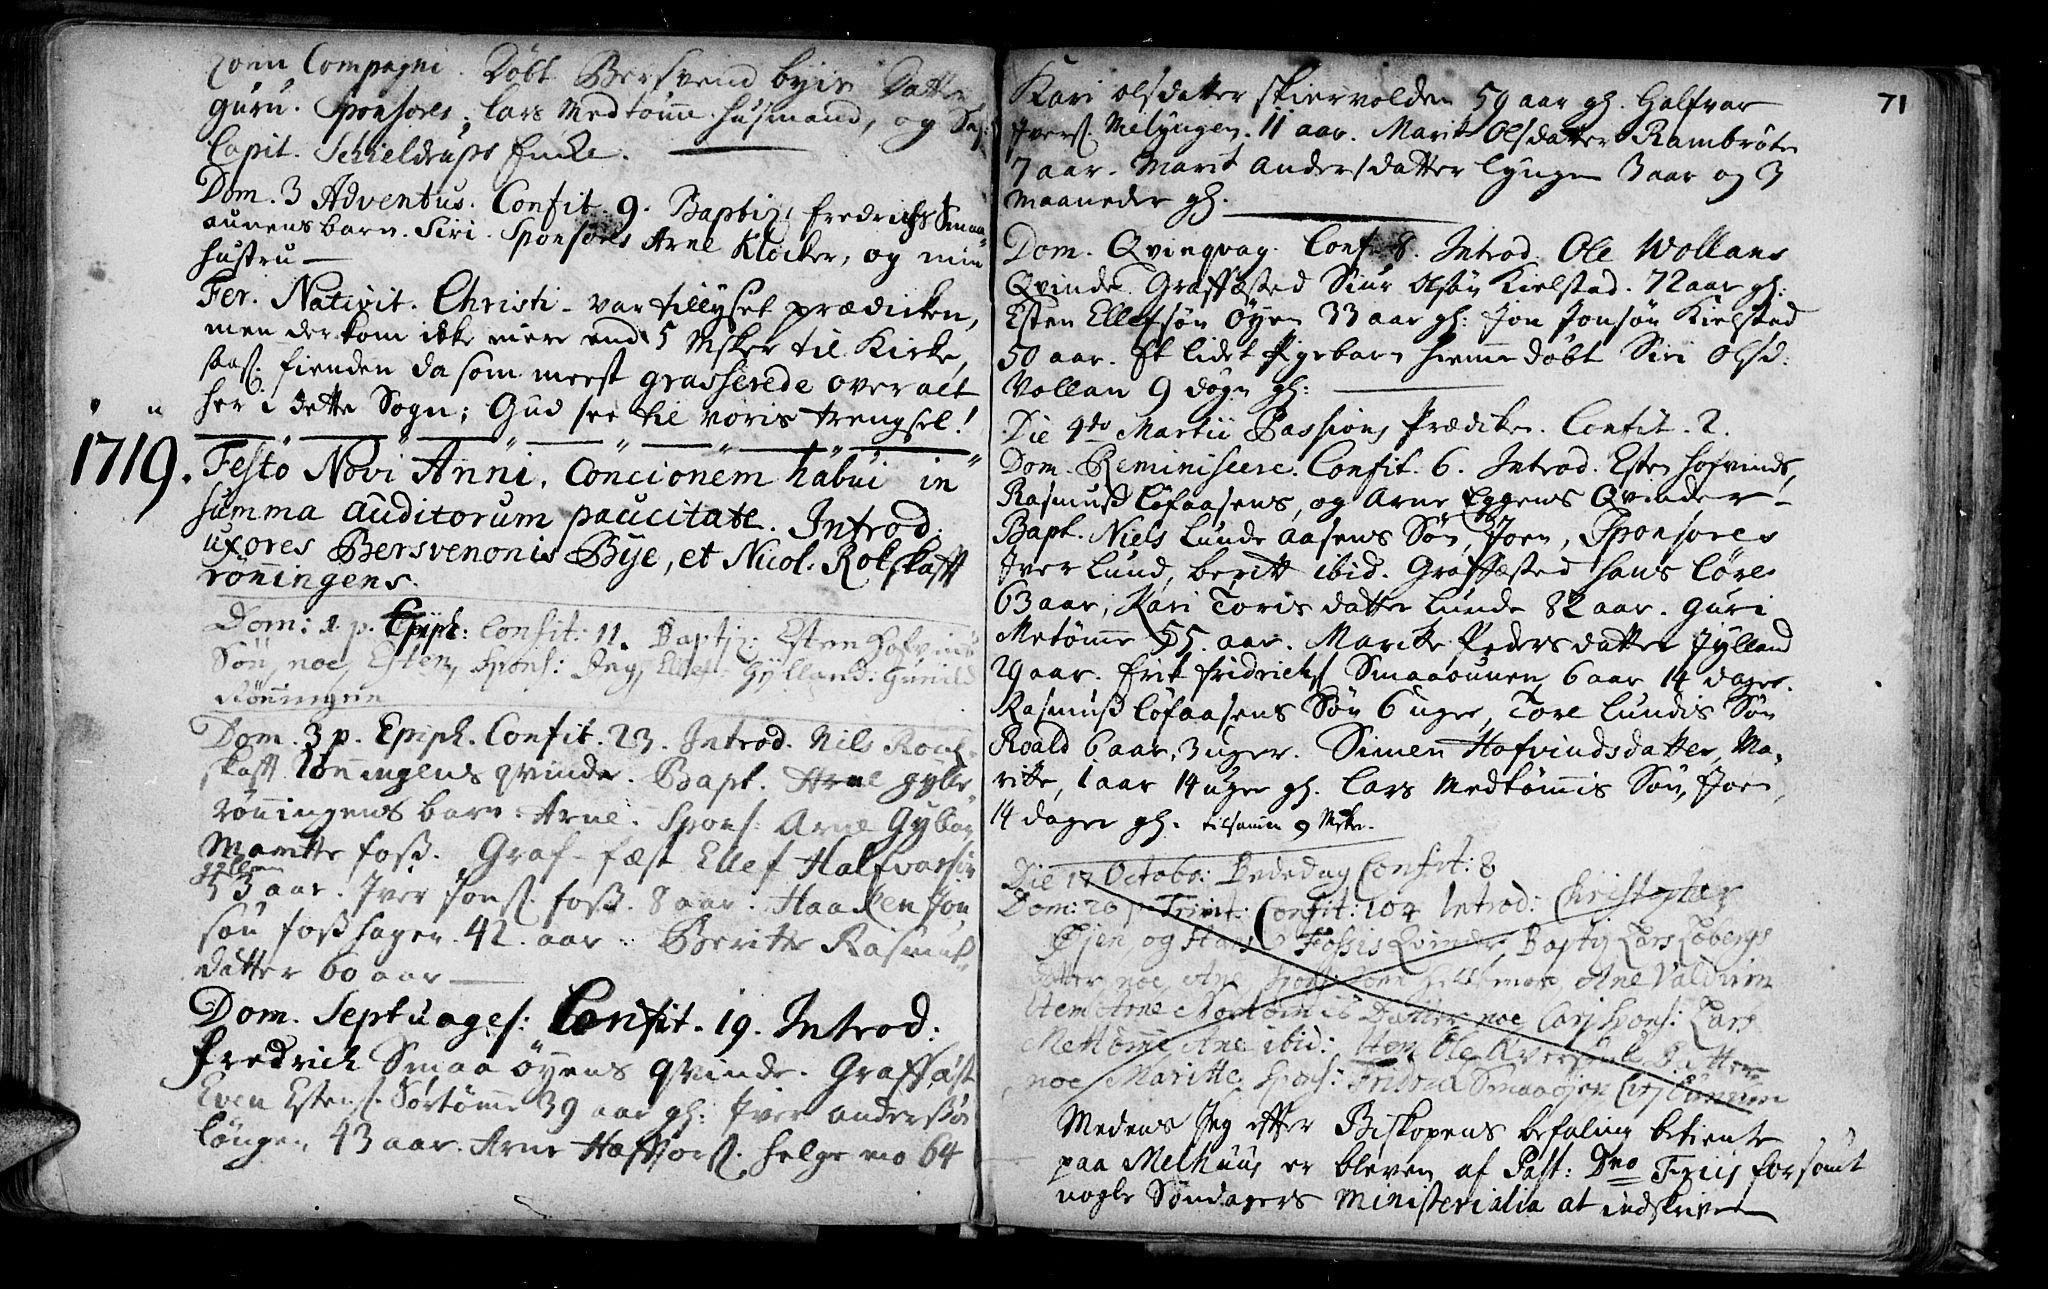 SAT, Ministerialprotokoller, klokkerbøker og fødselsregistre - Sør-Trøndelag, 692/L1101: Ministerialbok nr. 692A01, 1690-1746, s. 71